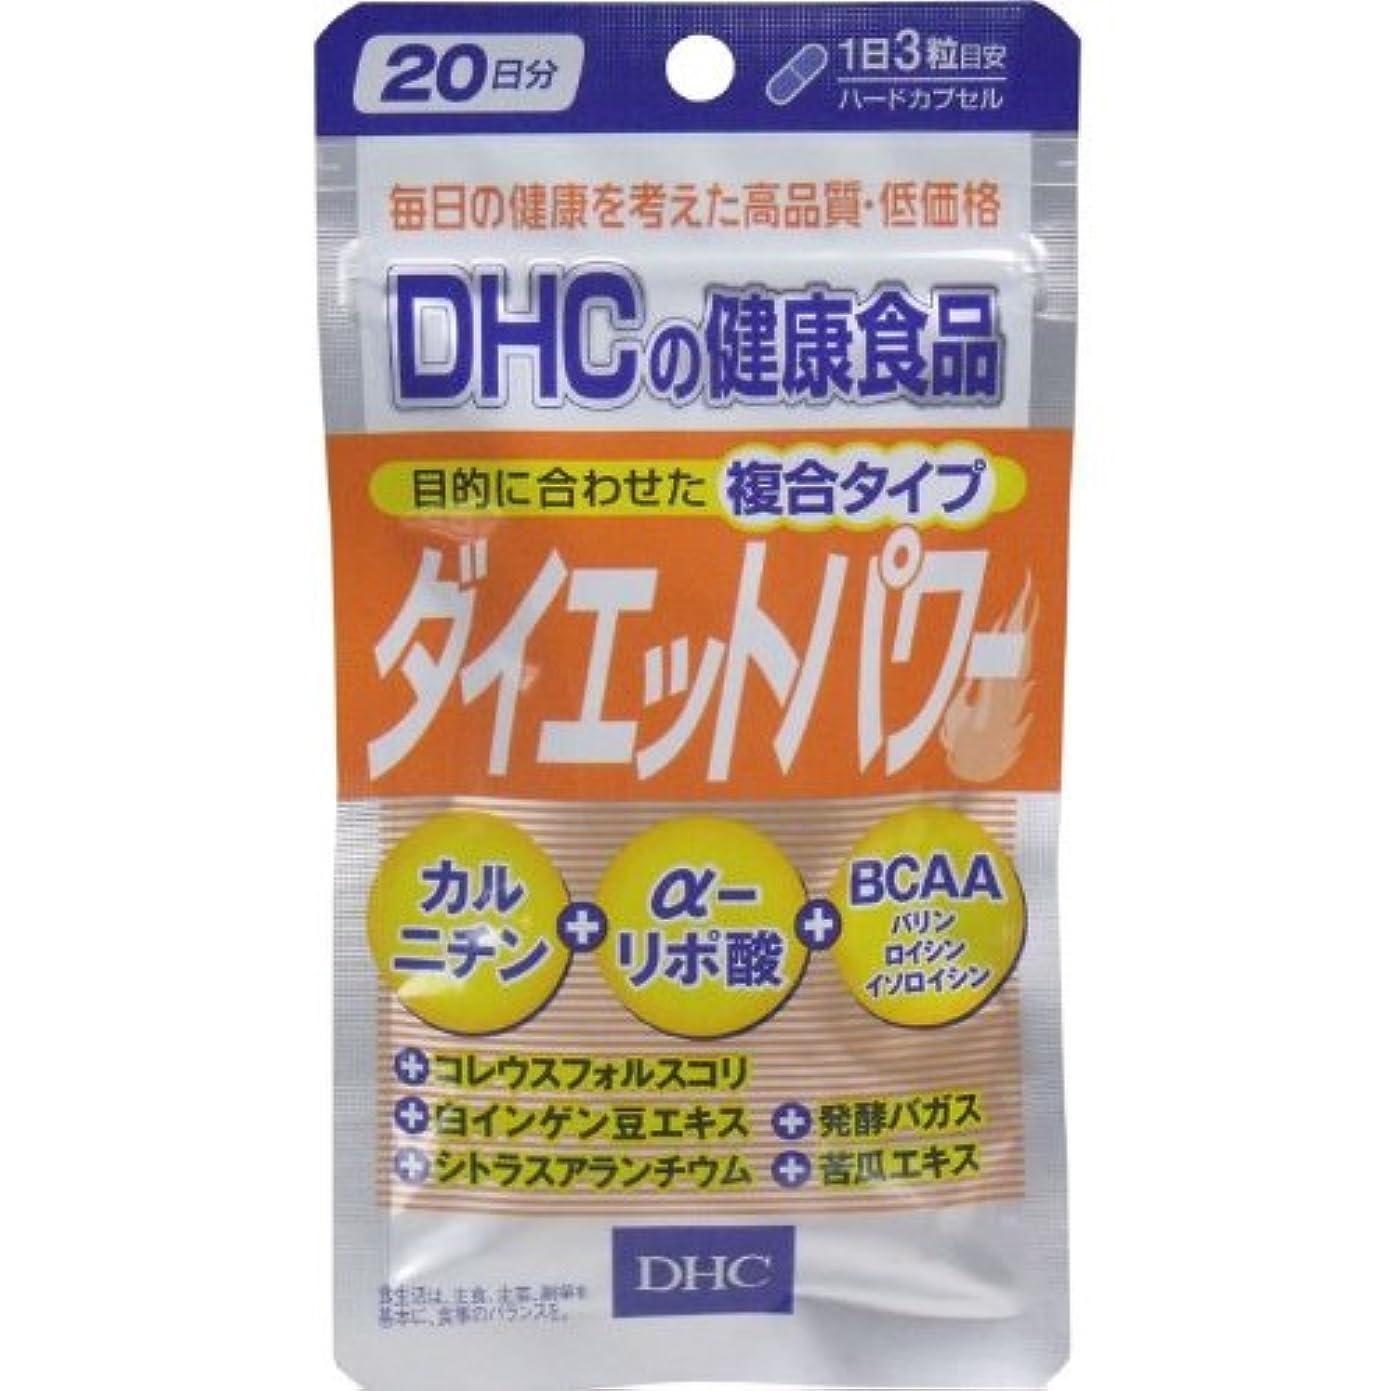 ギター確実キャベツDHC ダイエットパワー 60粒入 20日分【3個セット】